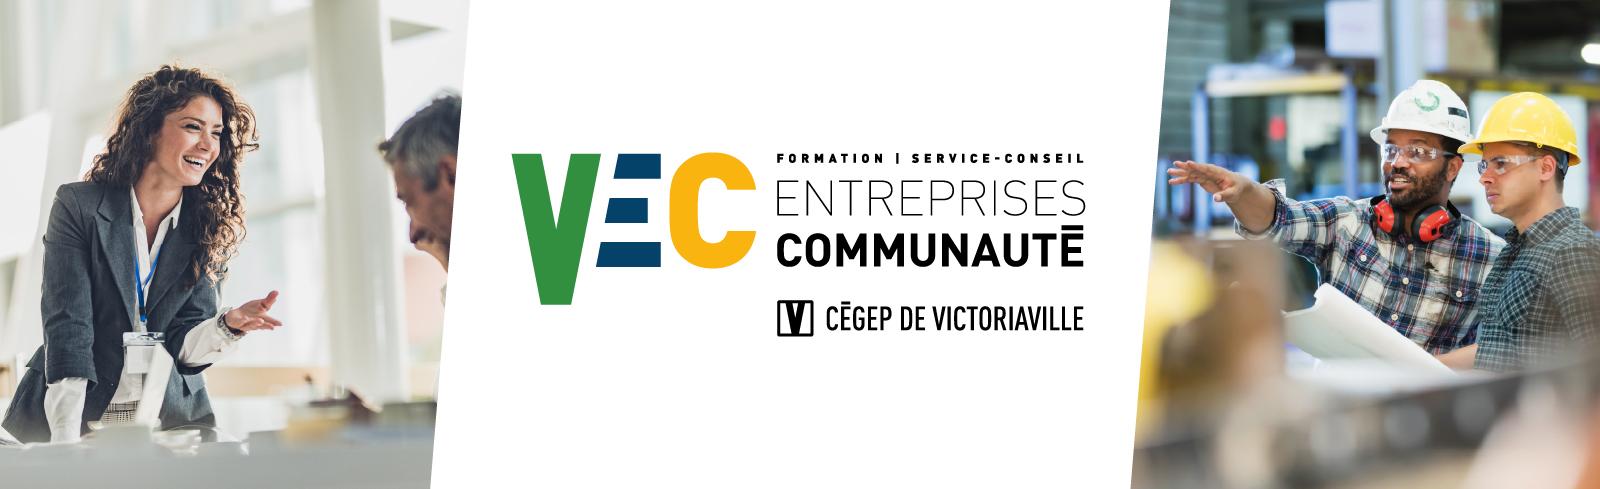 Image d'entête de la composante VEC Entreprises et communauté avec logo